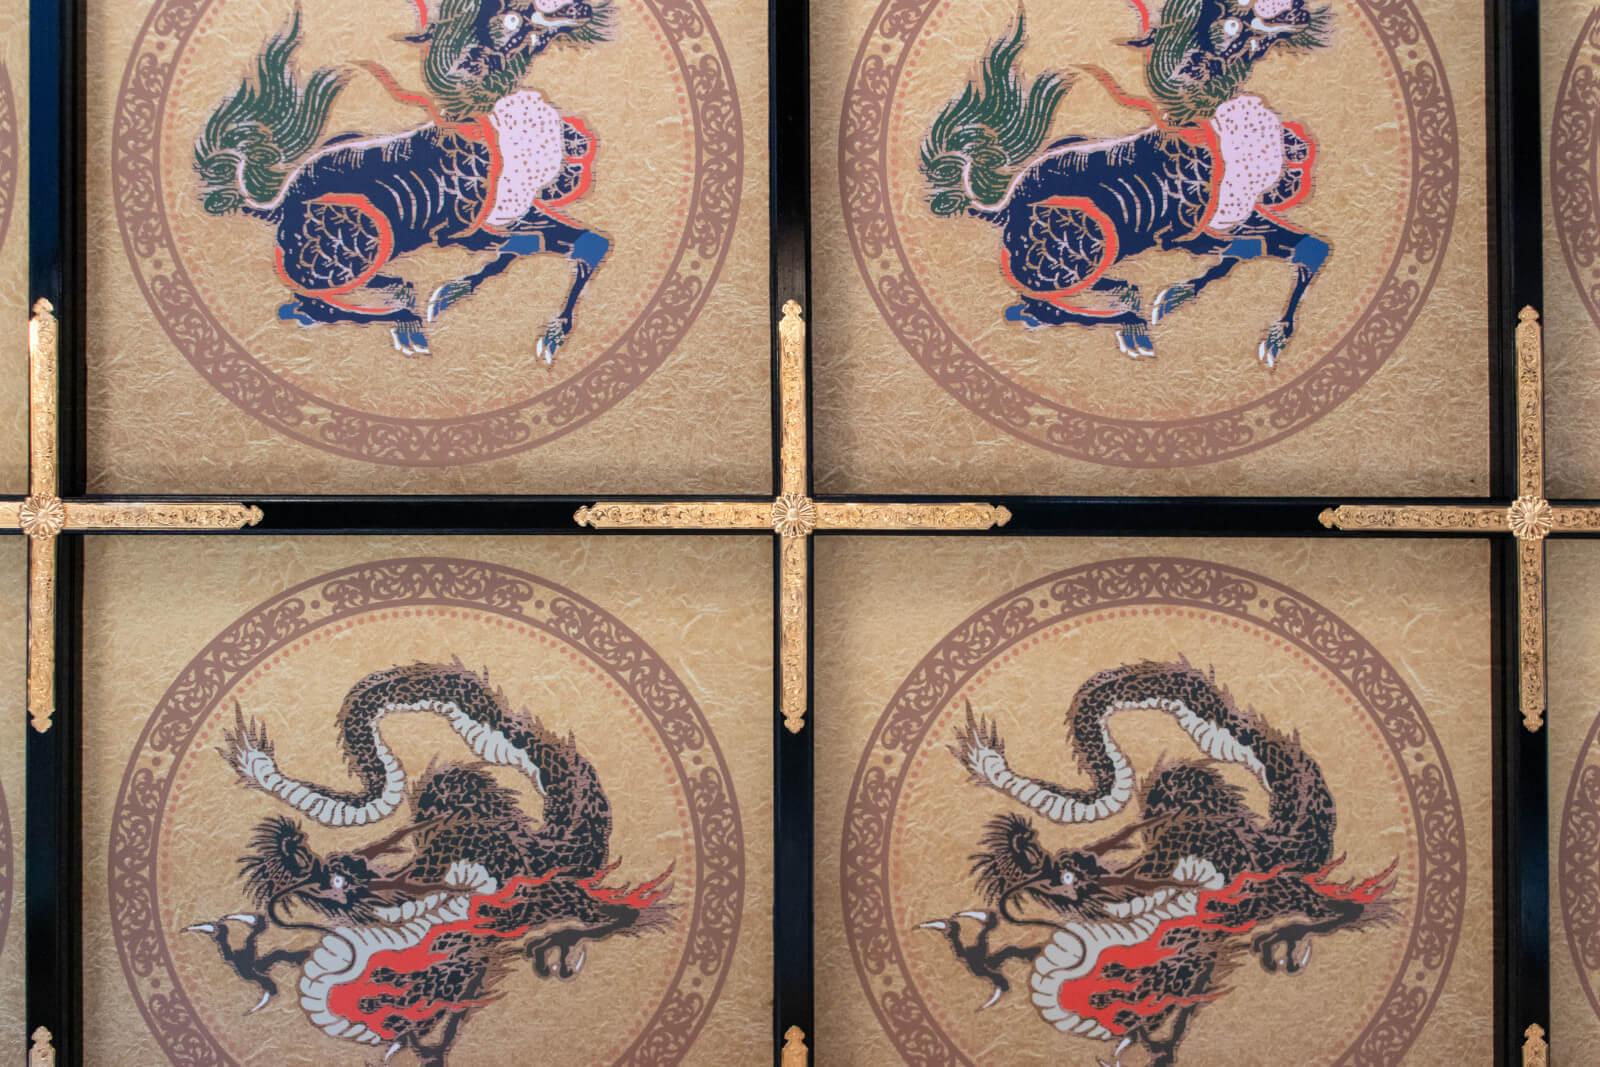 岐阜城望楼の間の麒麟と龍の格天井